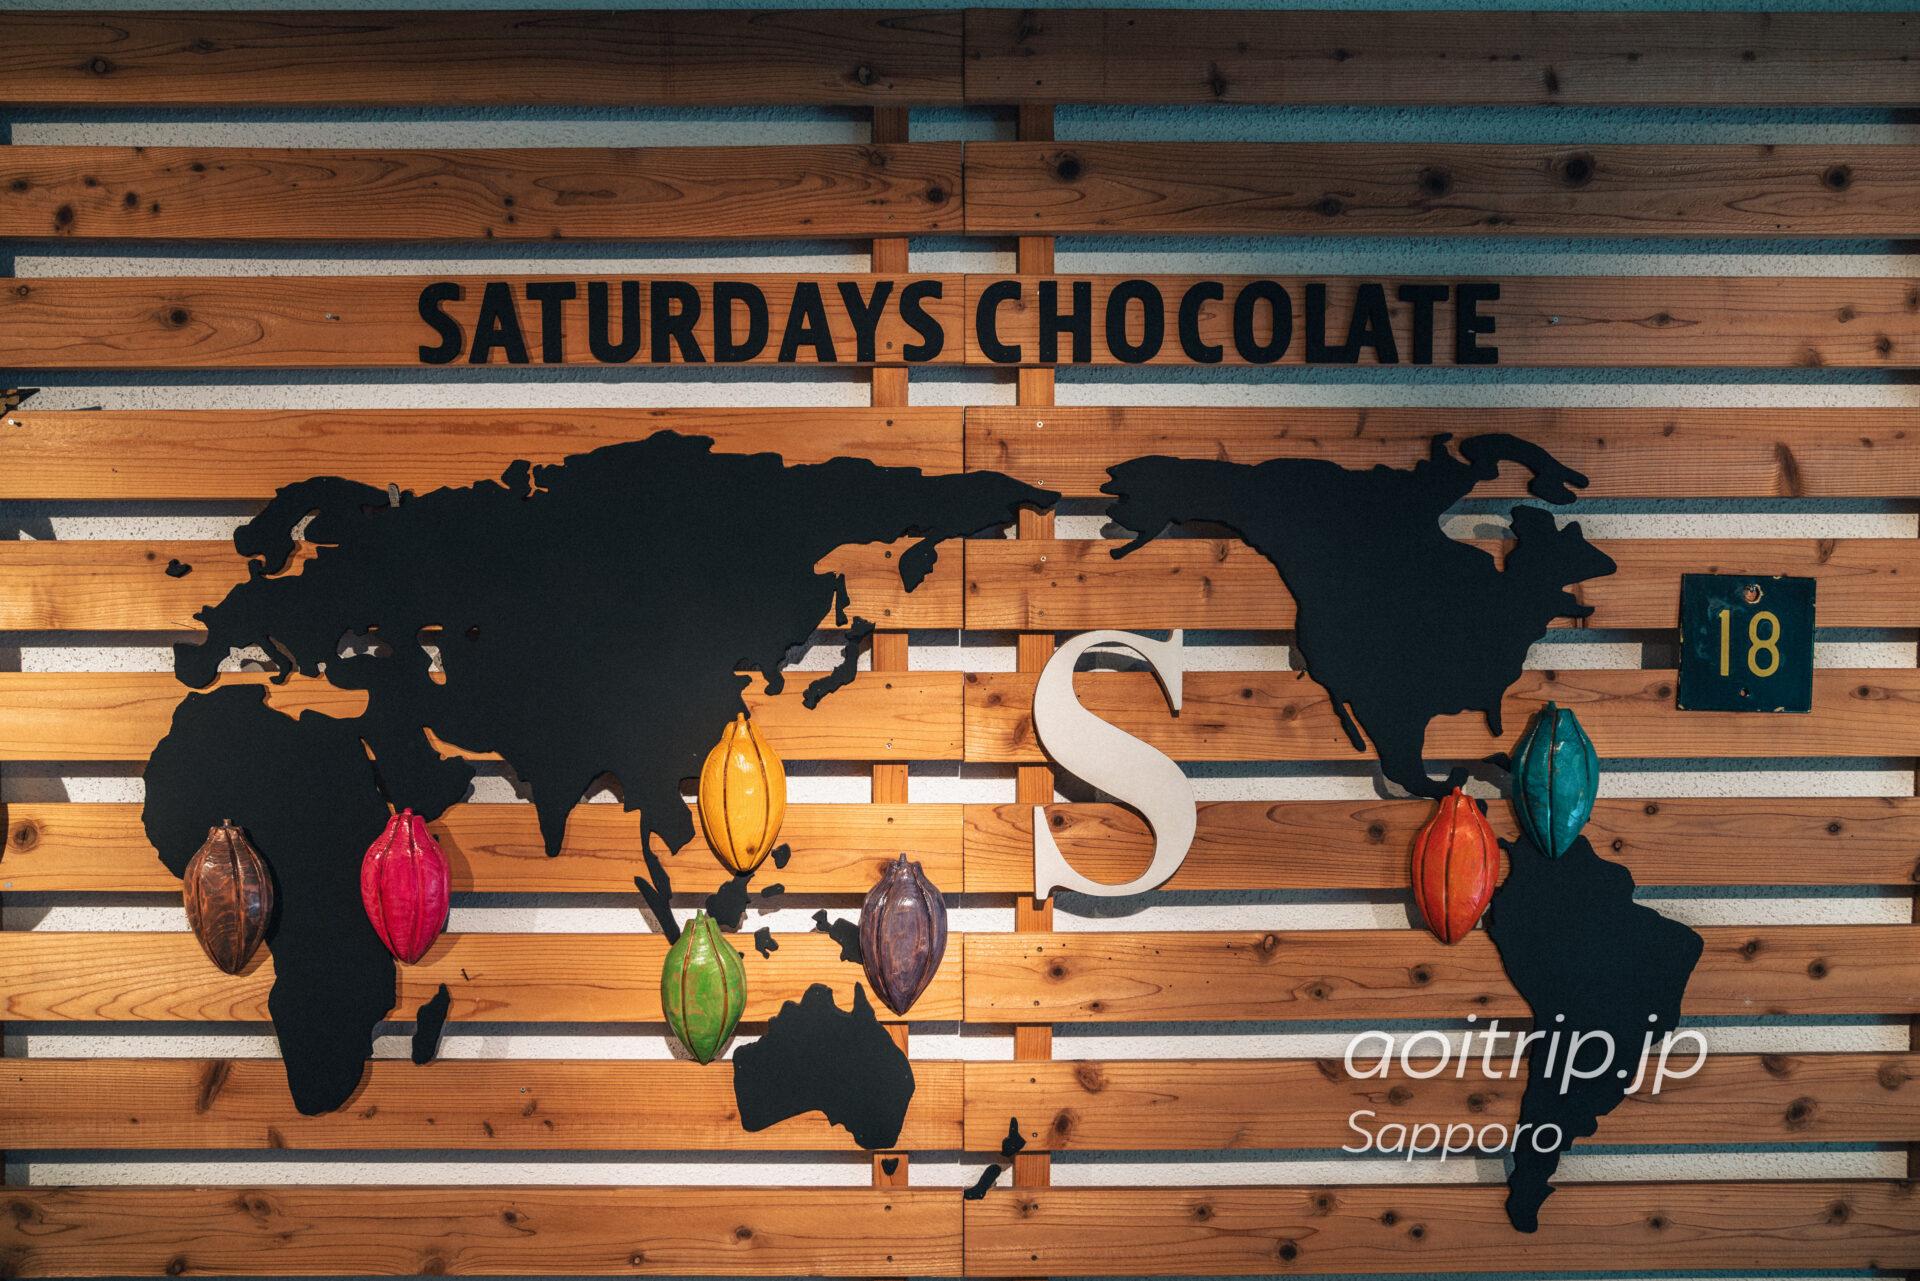 札幌 SATURDAYS Chocolate Factory Cafeの店内